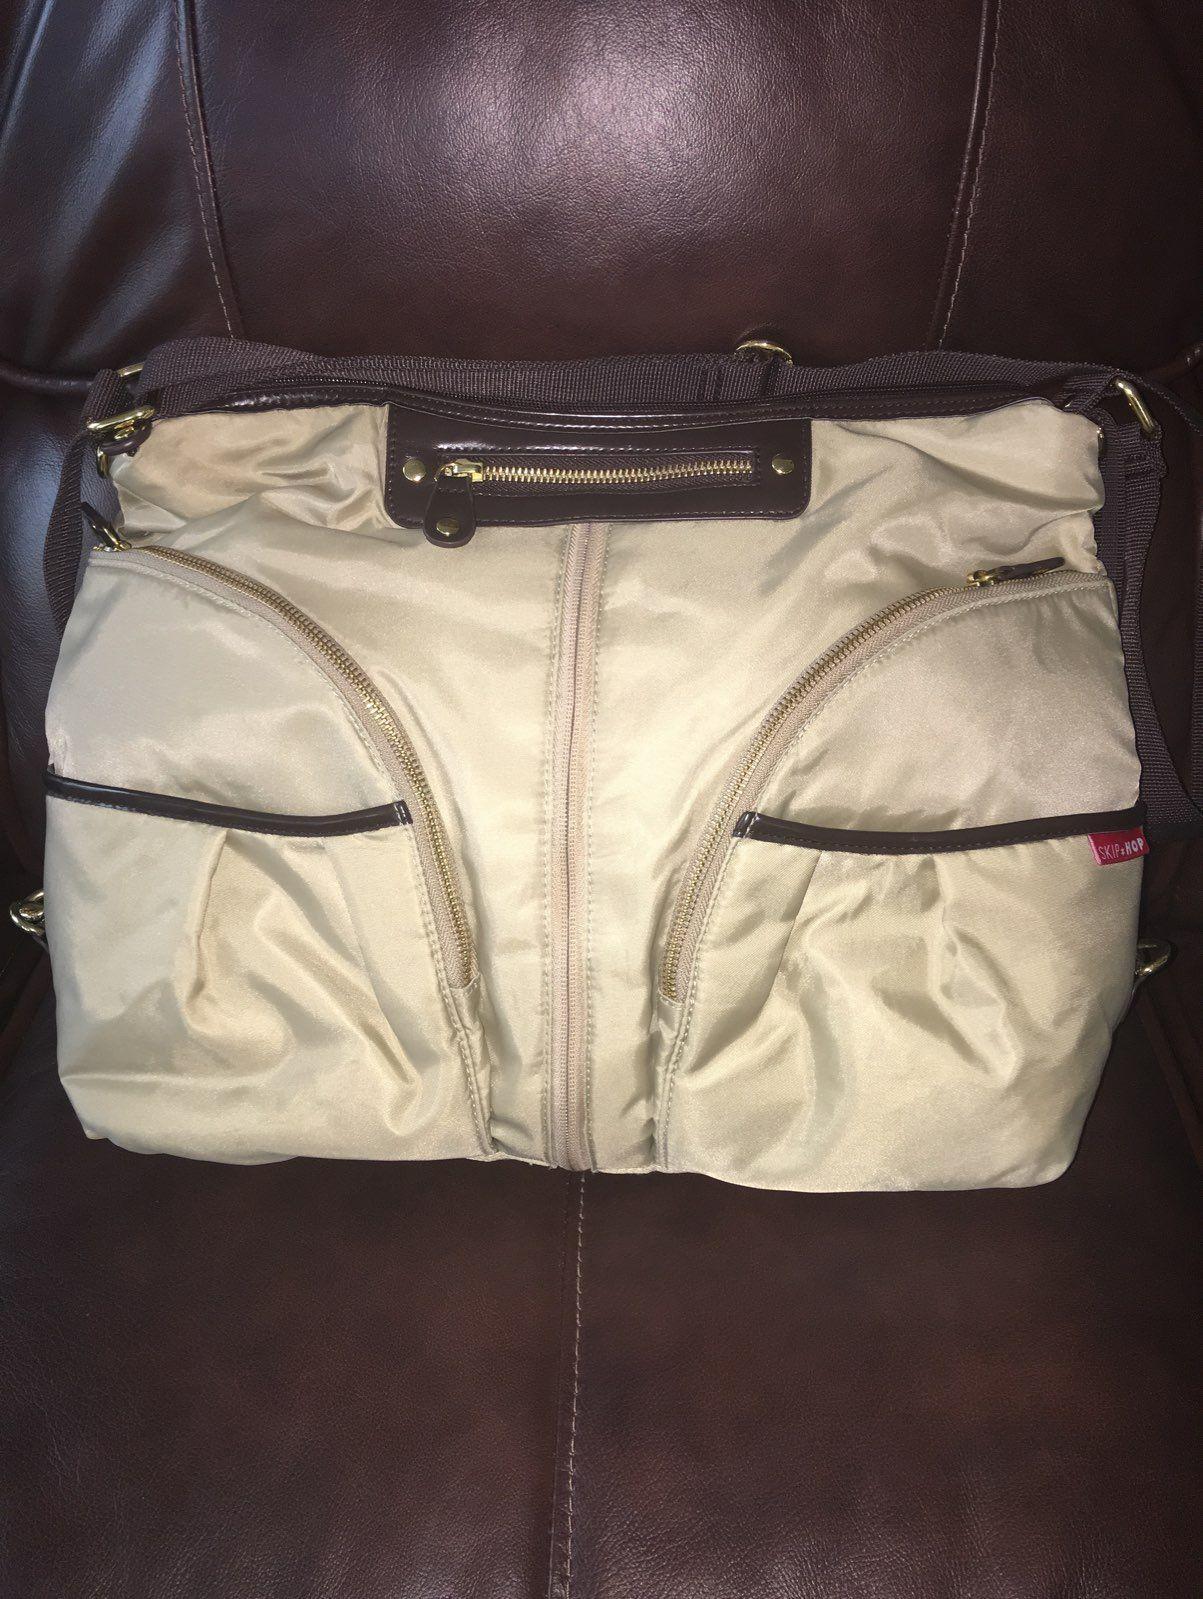 Diaper Bag